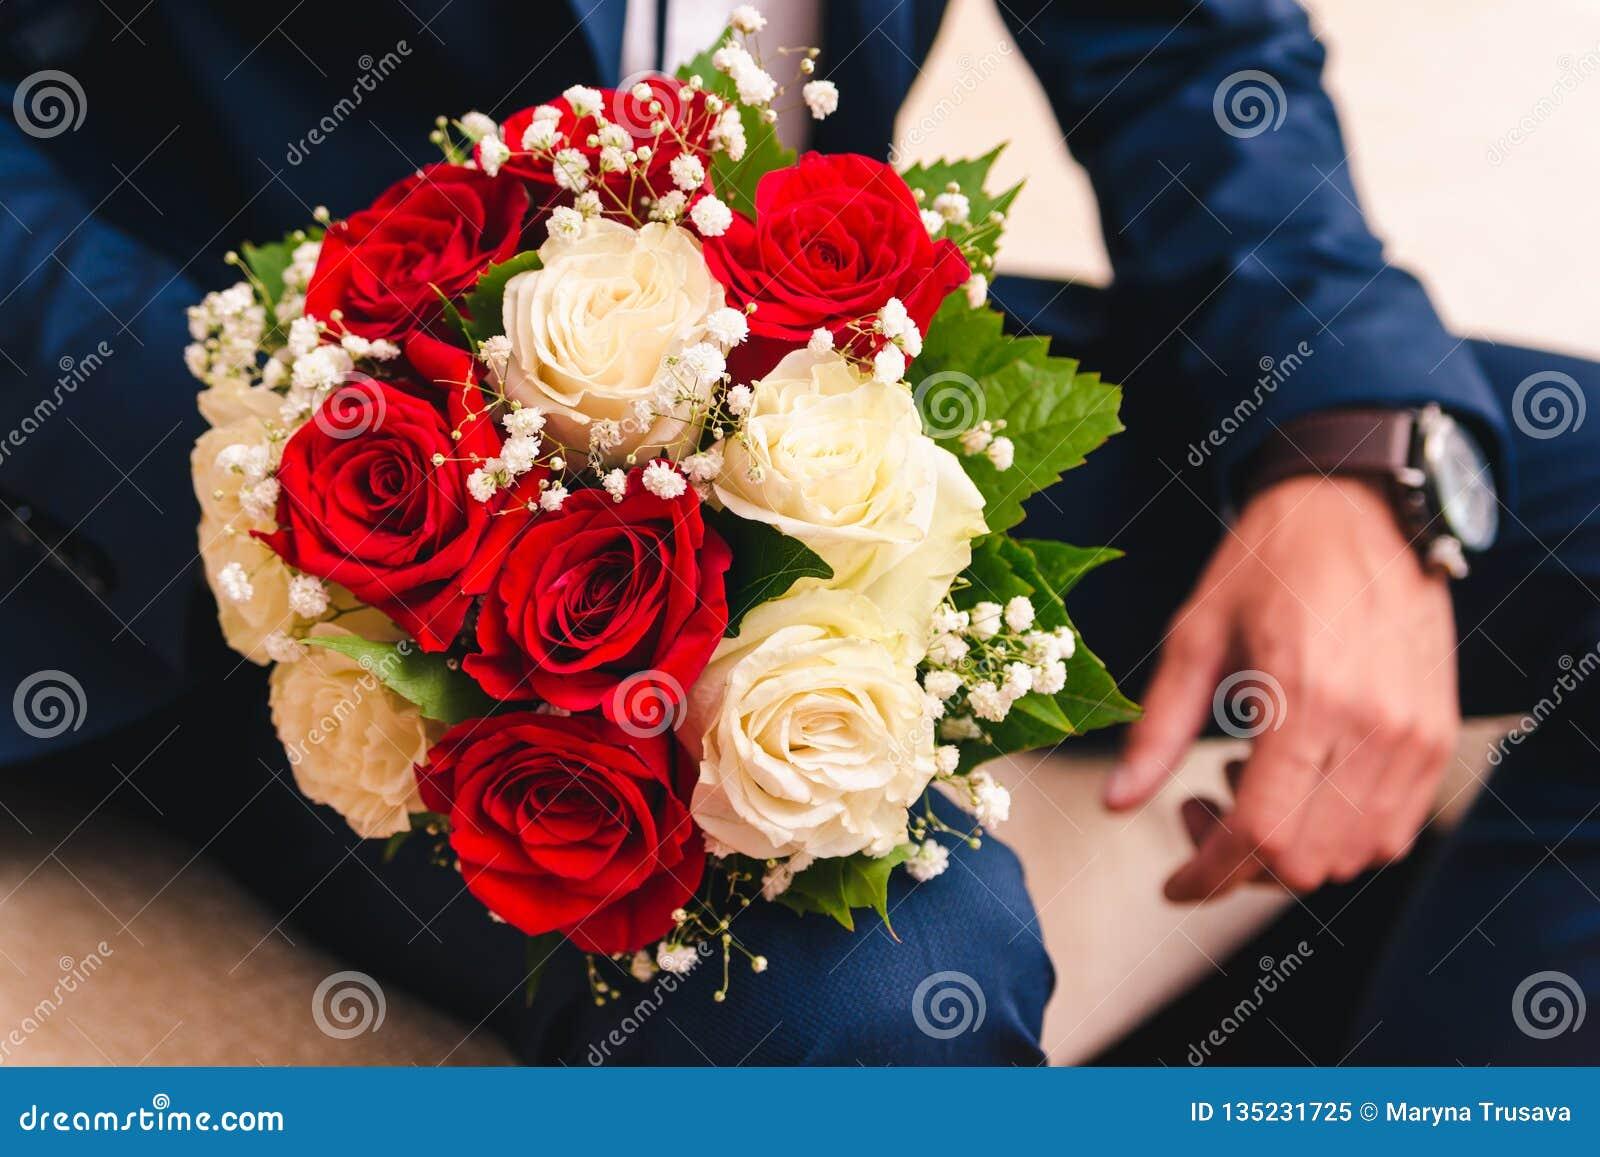 Huwelijksboeket voor de bruid van witte en beige rozen aan de hand van de bruidegom